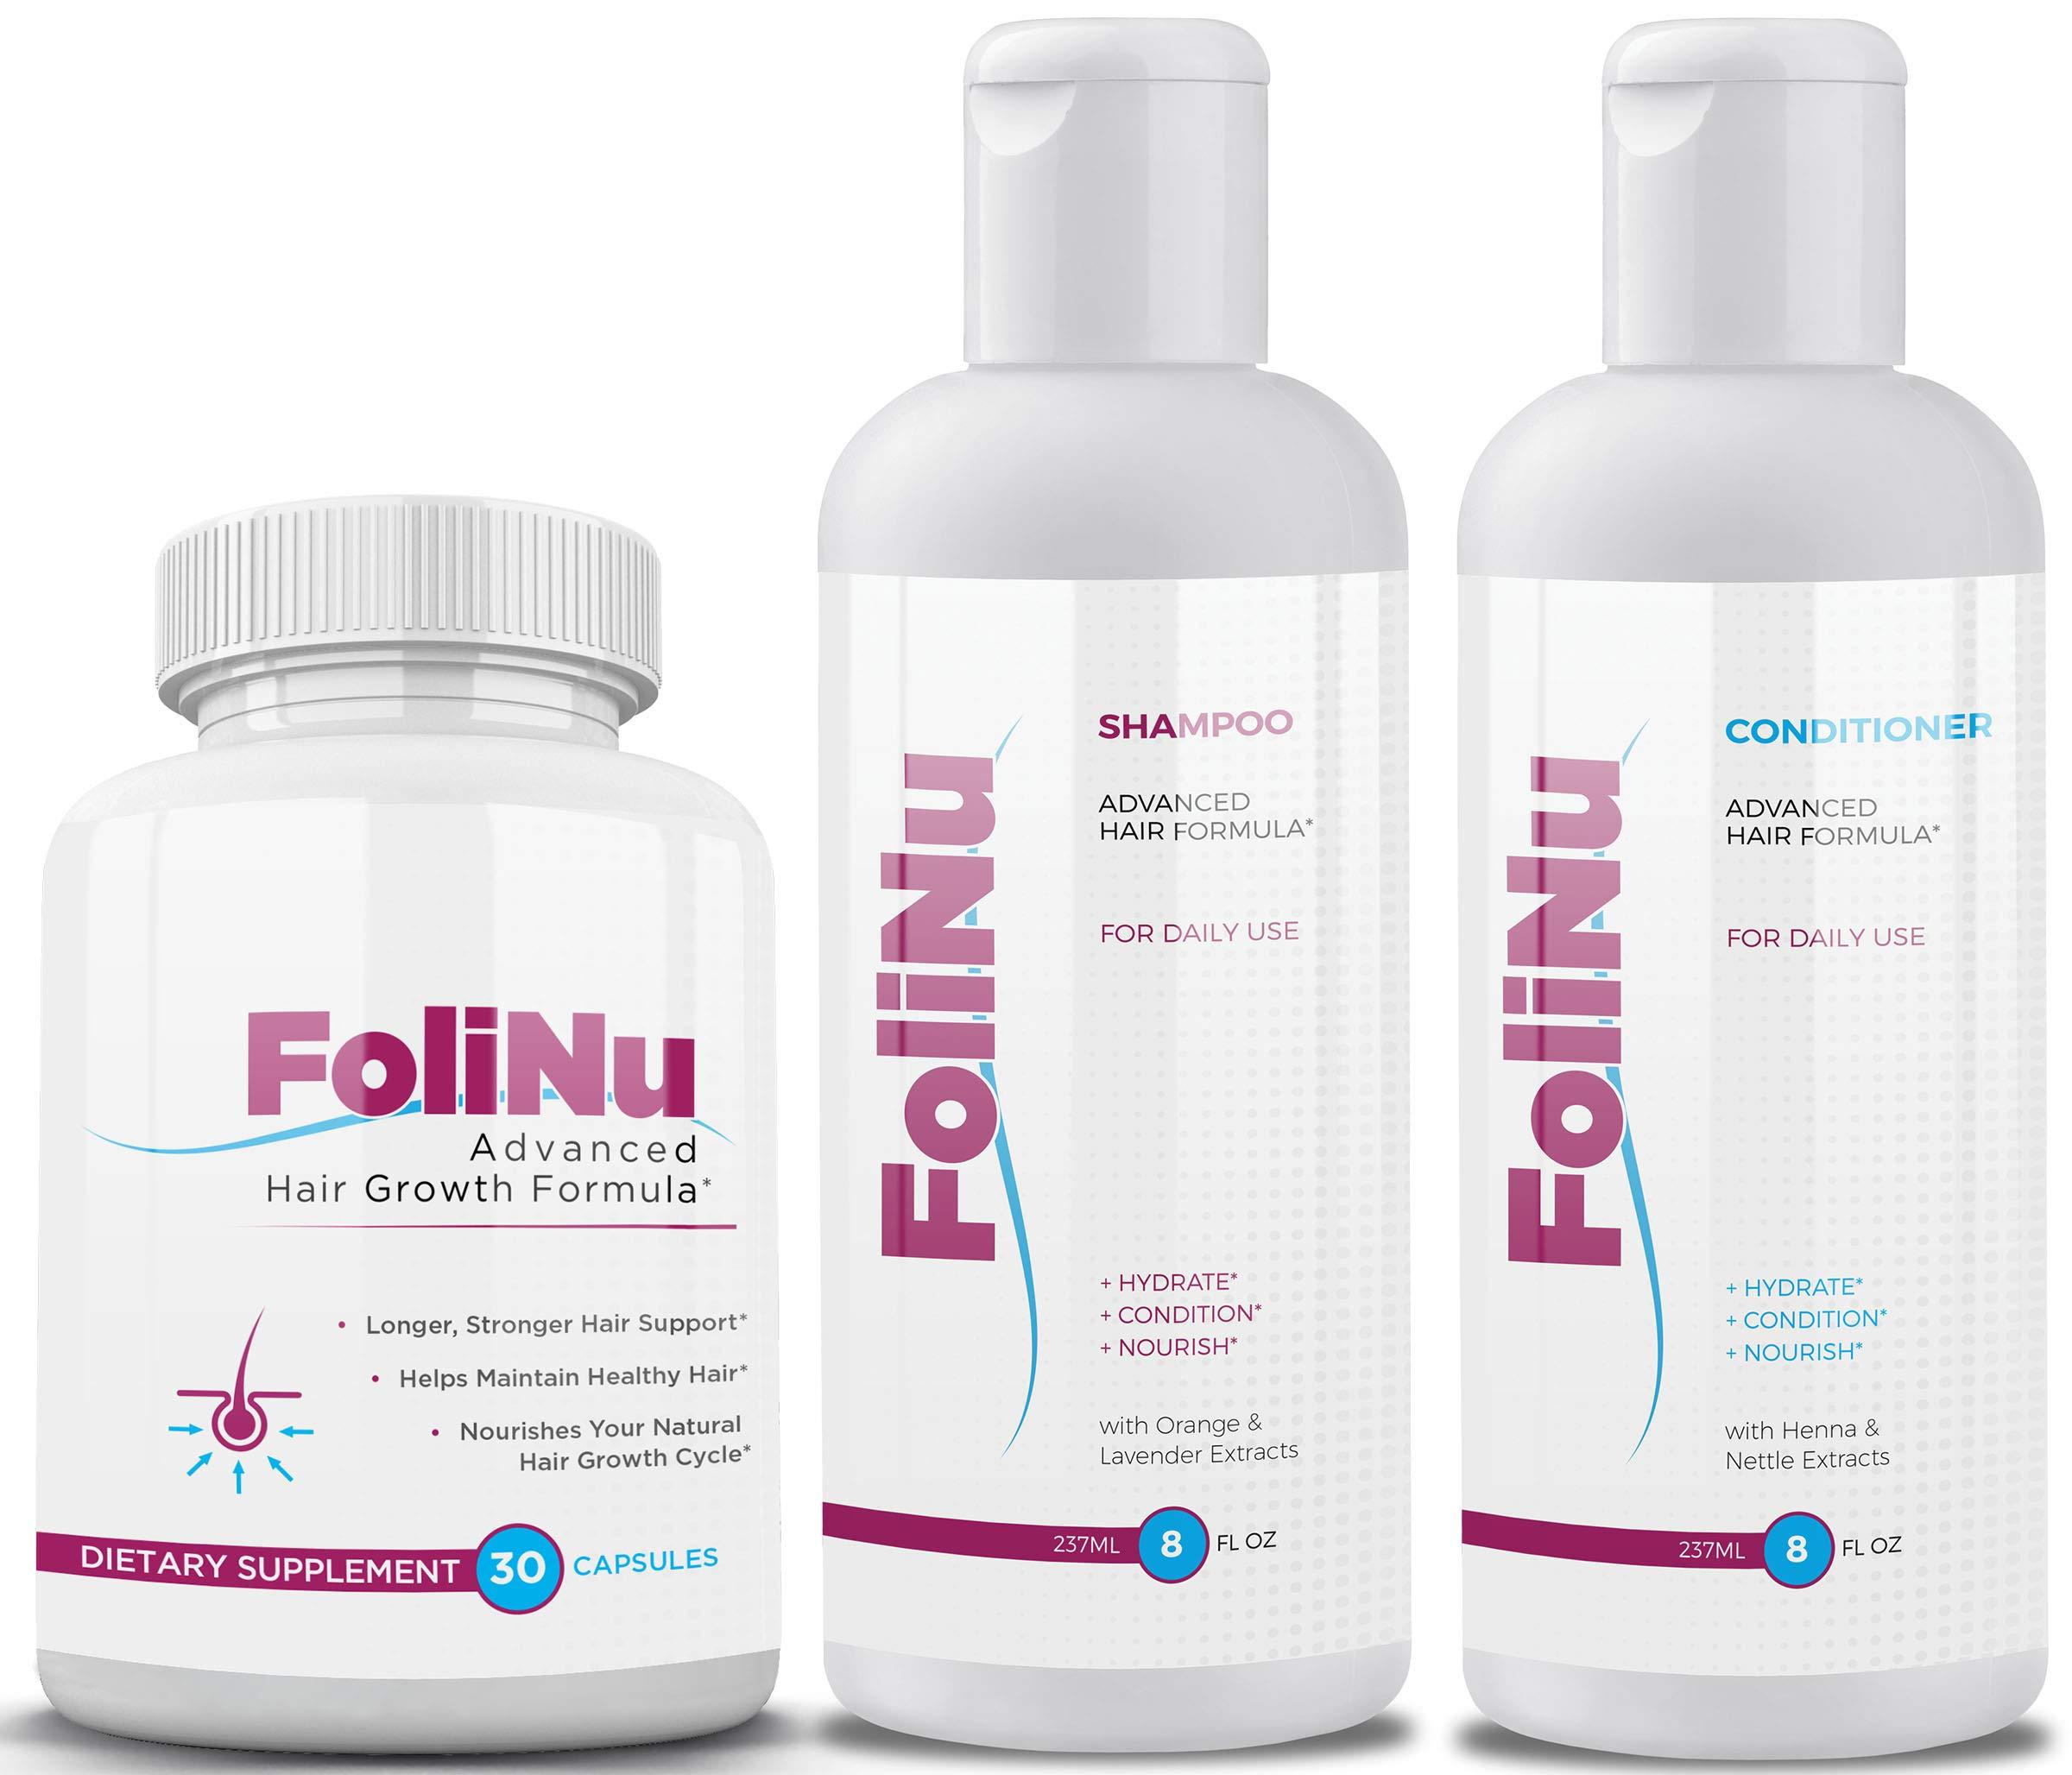 FoliNu Variety Pack